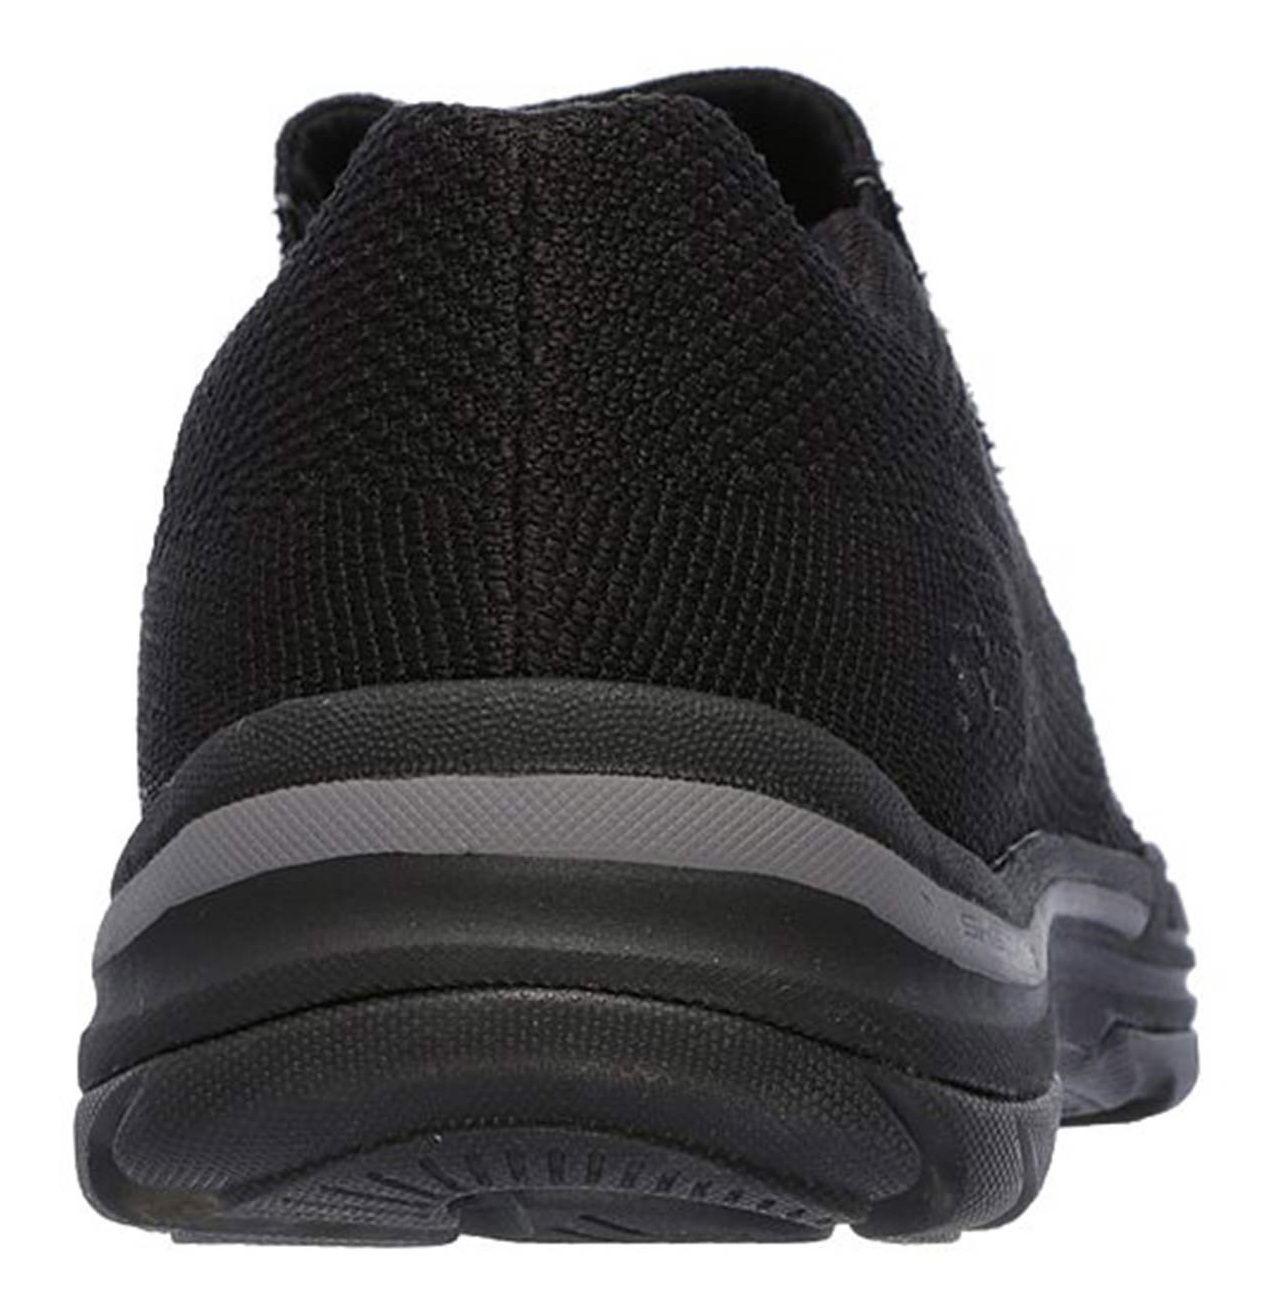 کفش راحتی پارچه ای مردانه Skech-Air Elment Vengo - اسکچرز - مشکي - 4